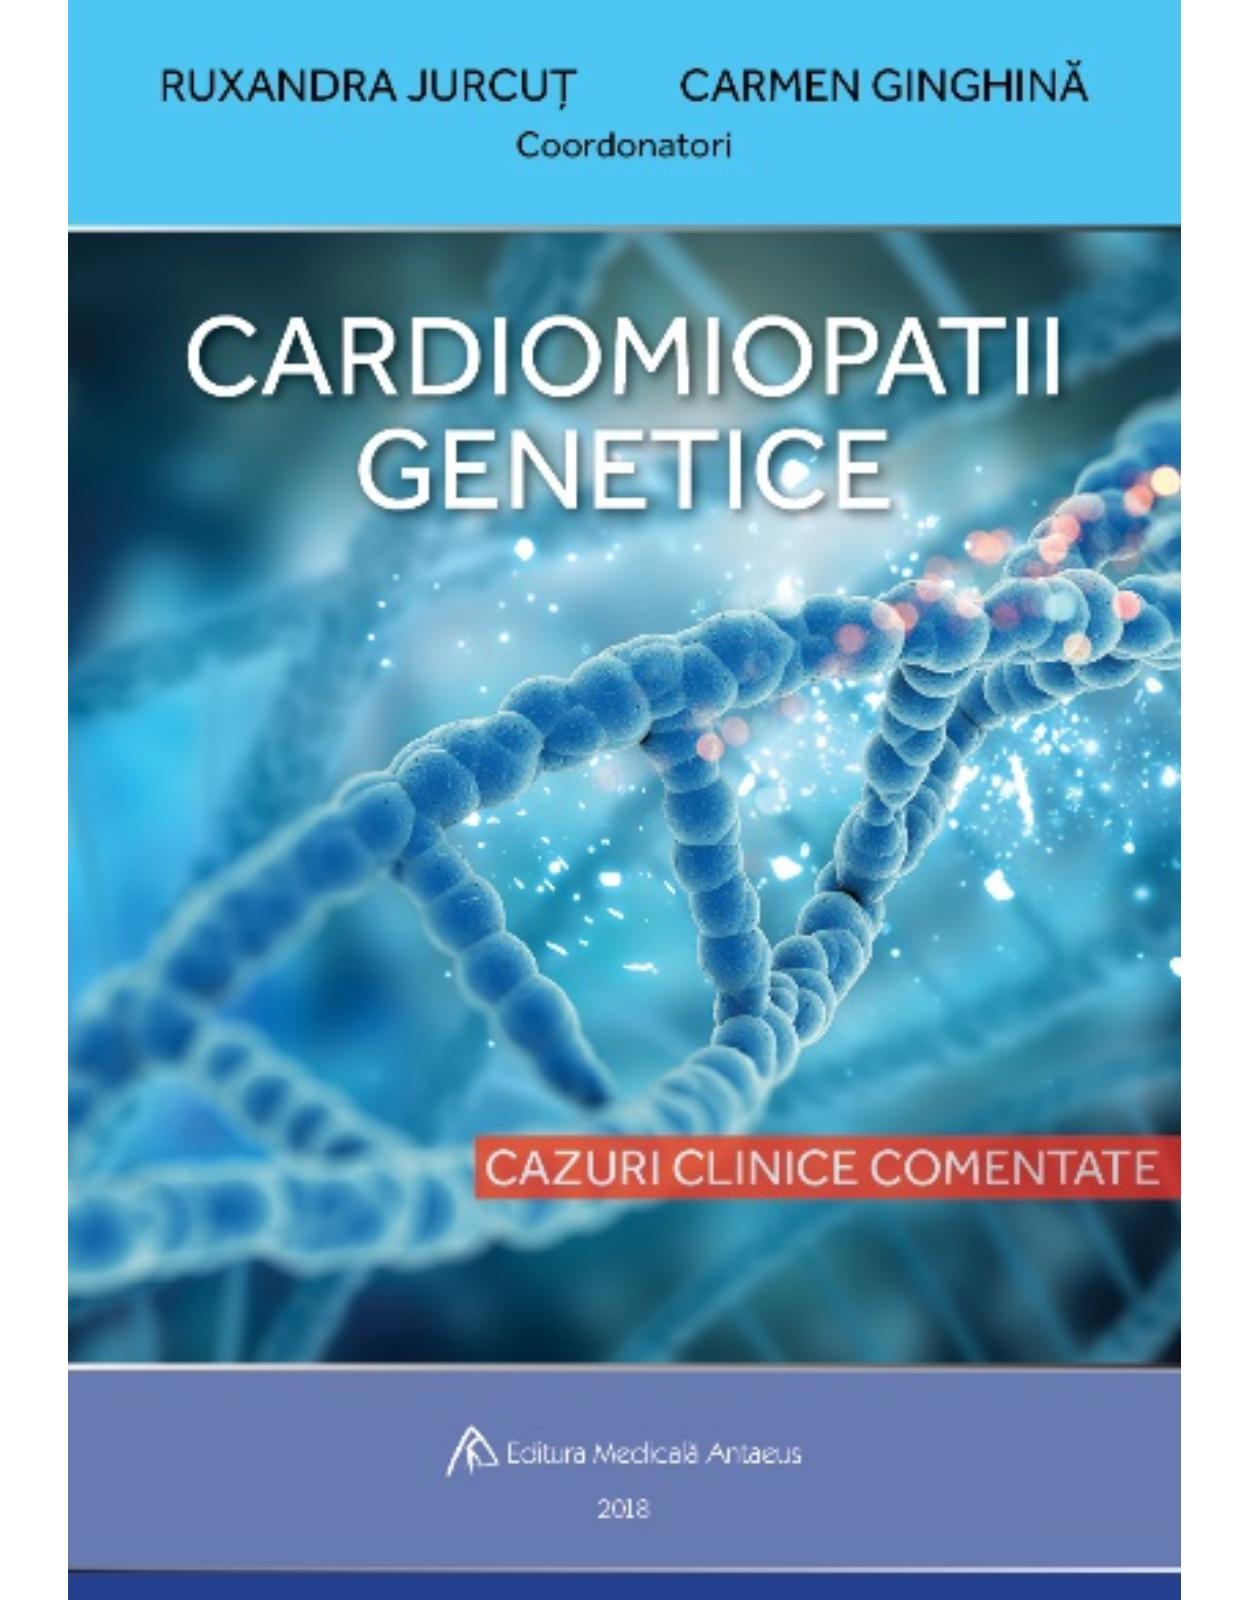 Cardiomiopatii genetice. Cazuri clinice comentate